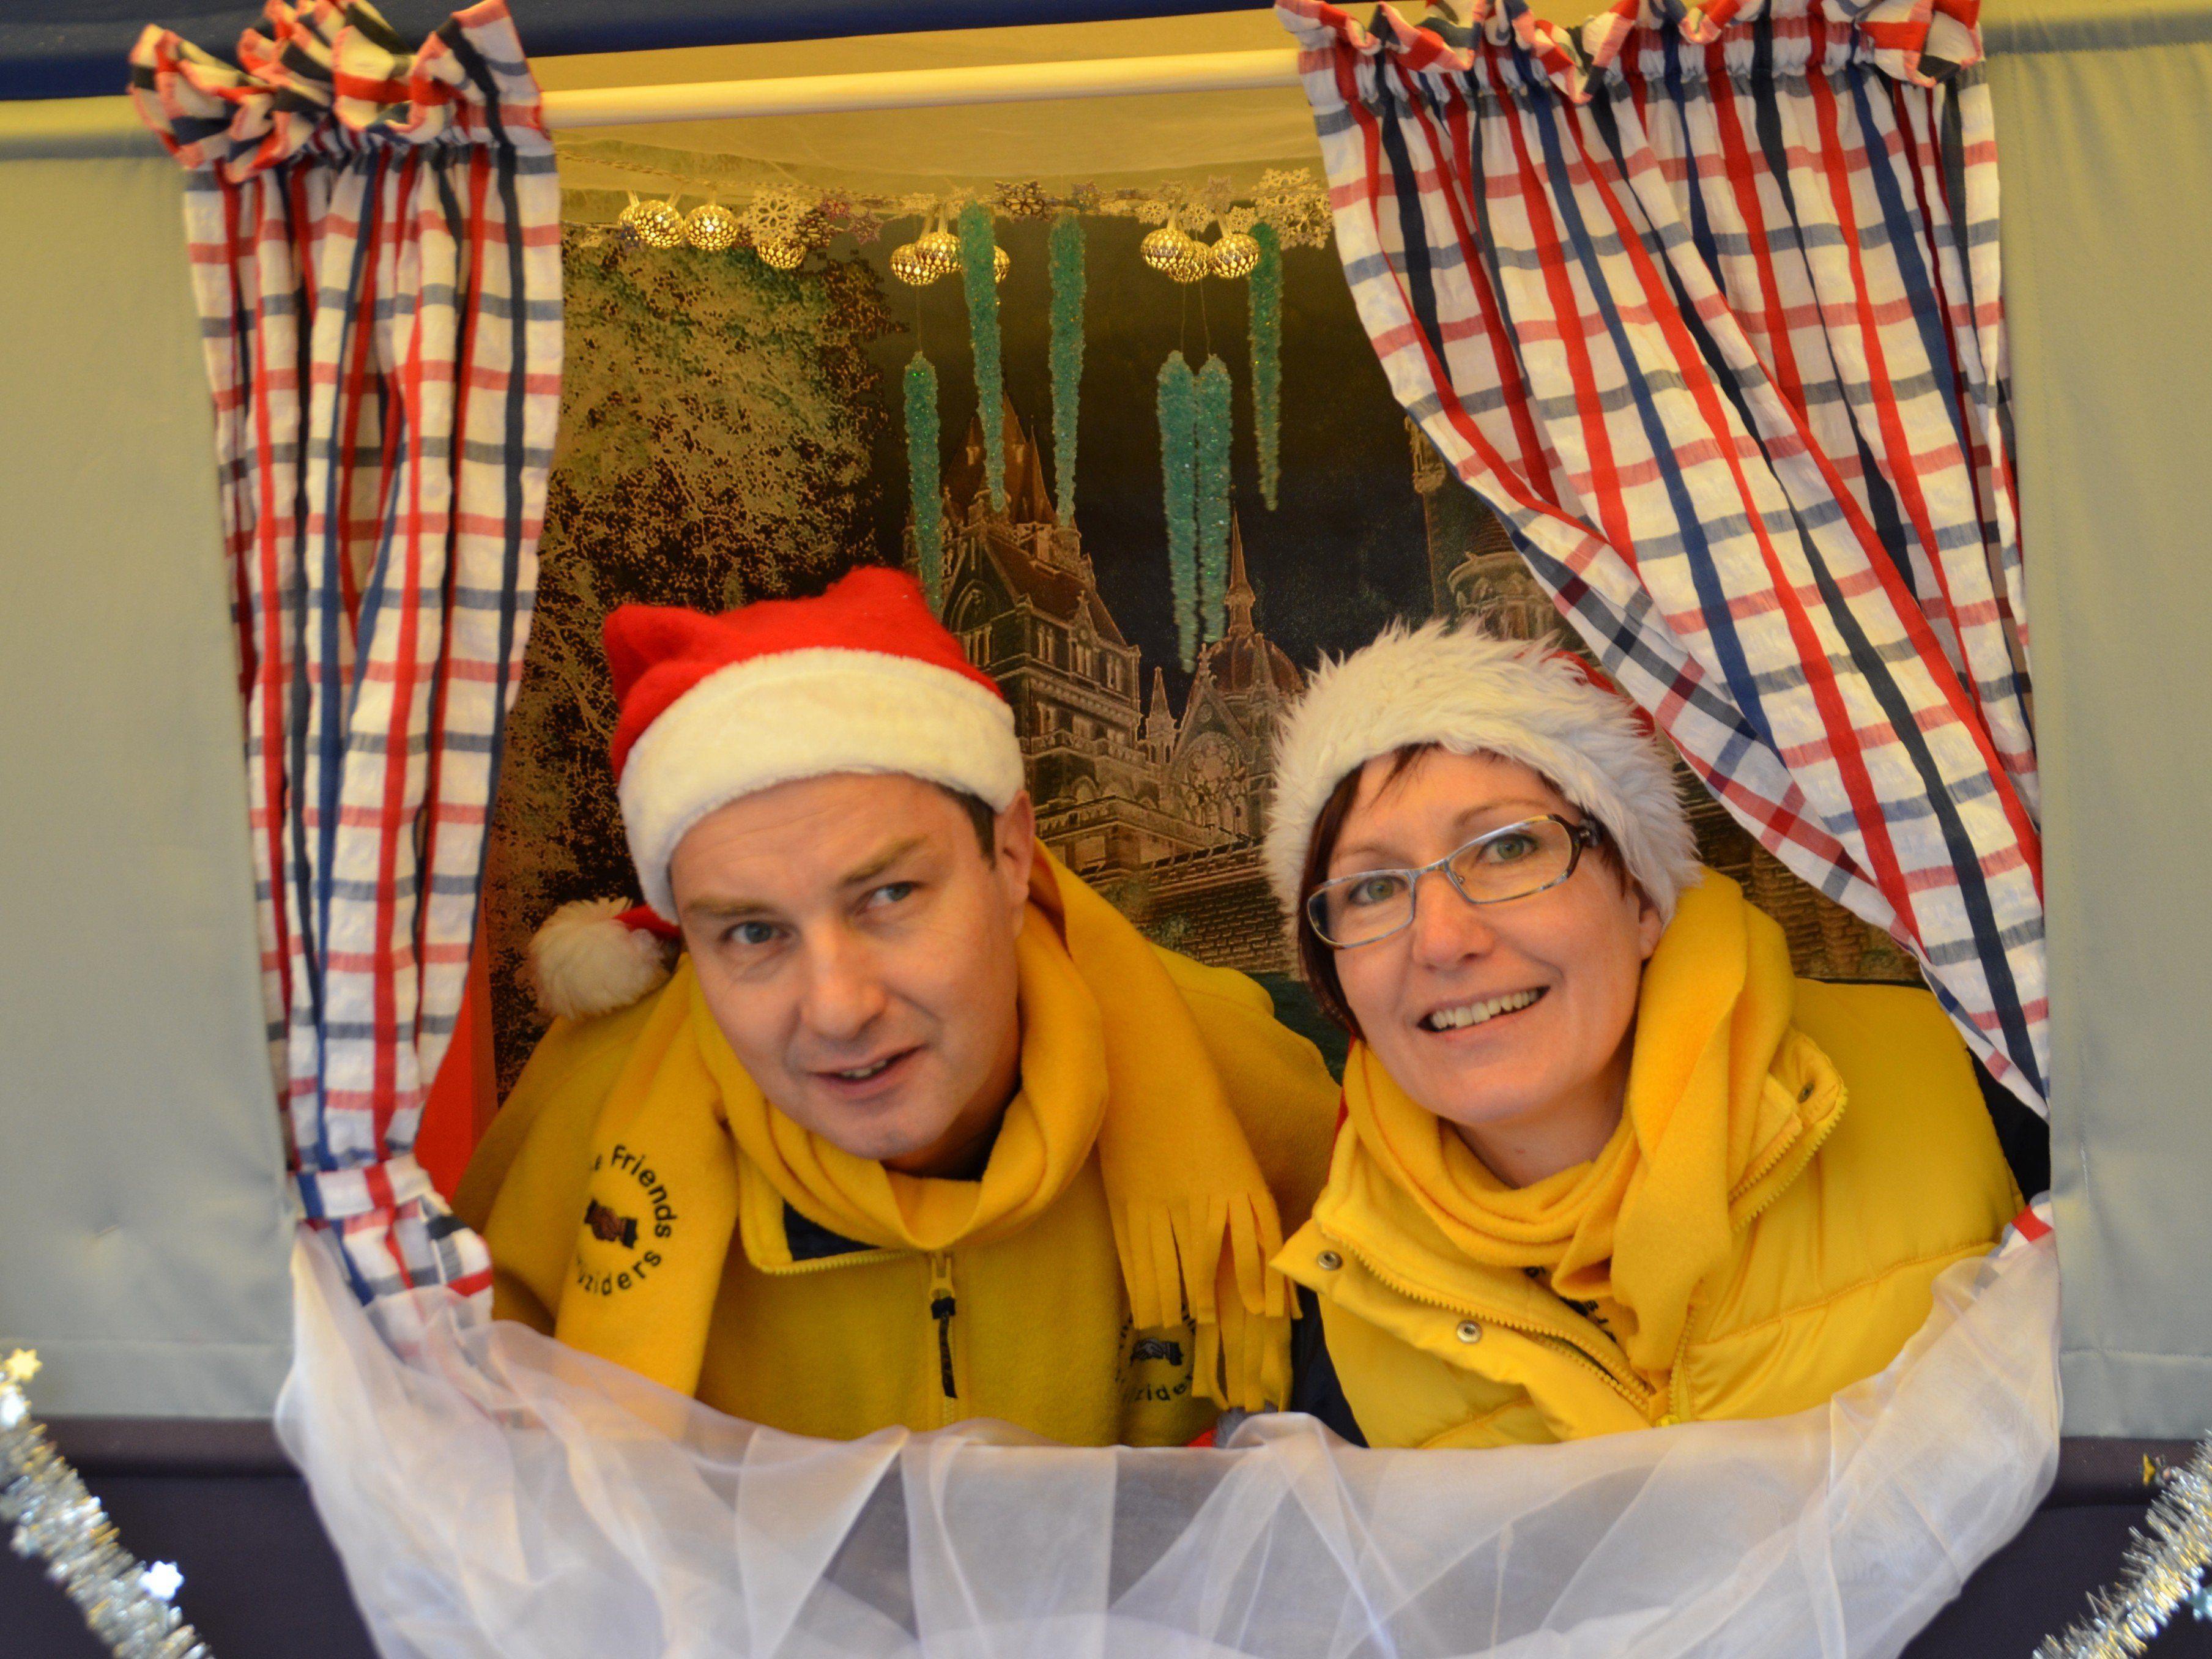 Kindertheater -  Weihnachtsgeschichten in der Bibliothek - Nikloaus bringt Geschenke....